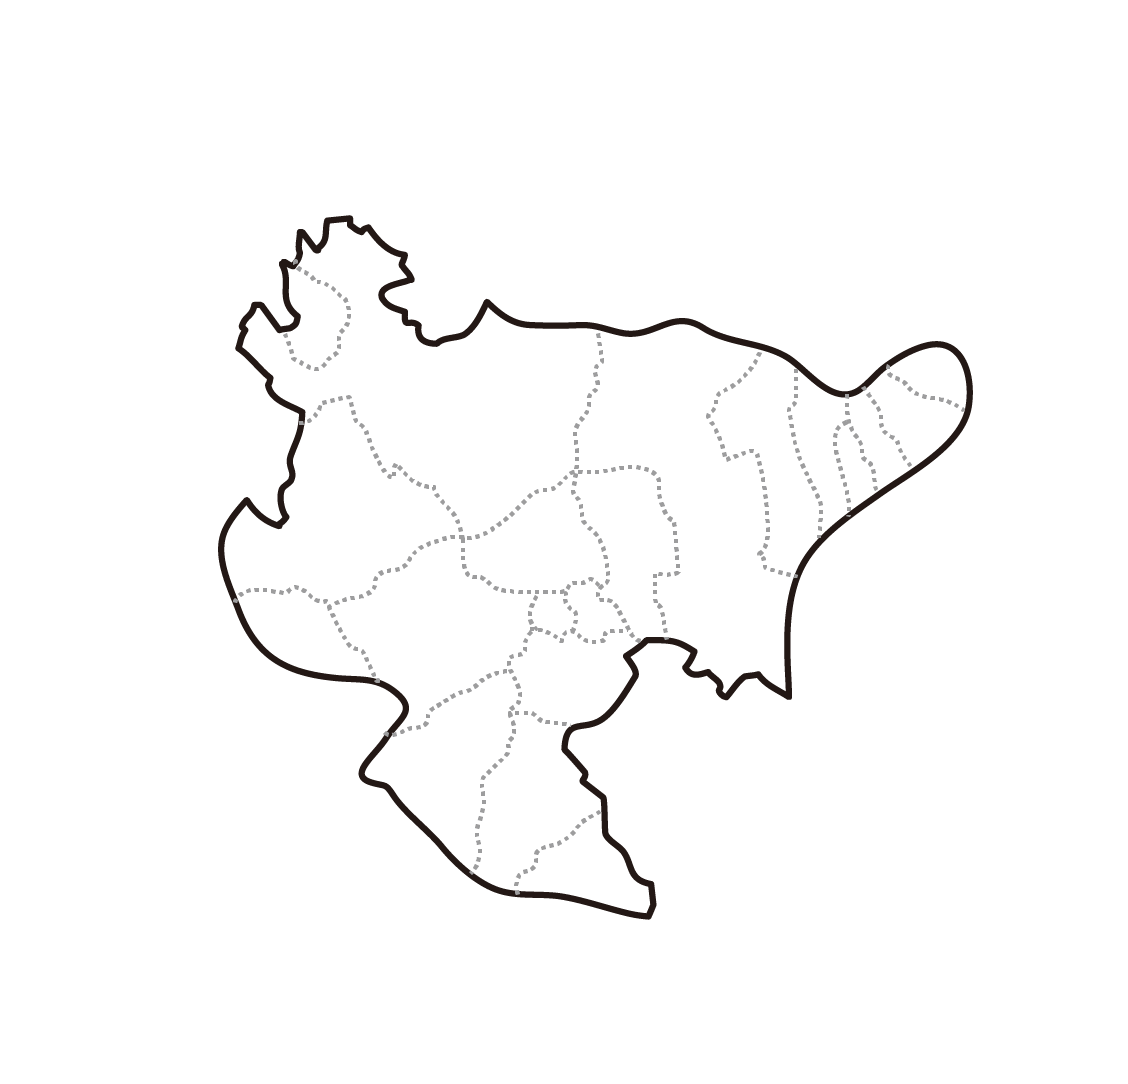 [白地図]佐賀県・ラインあり・市区町村名なし